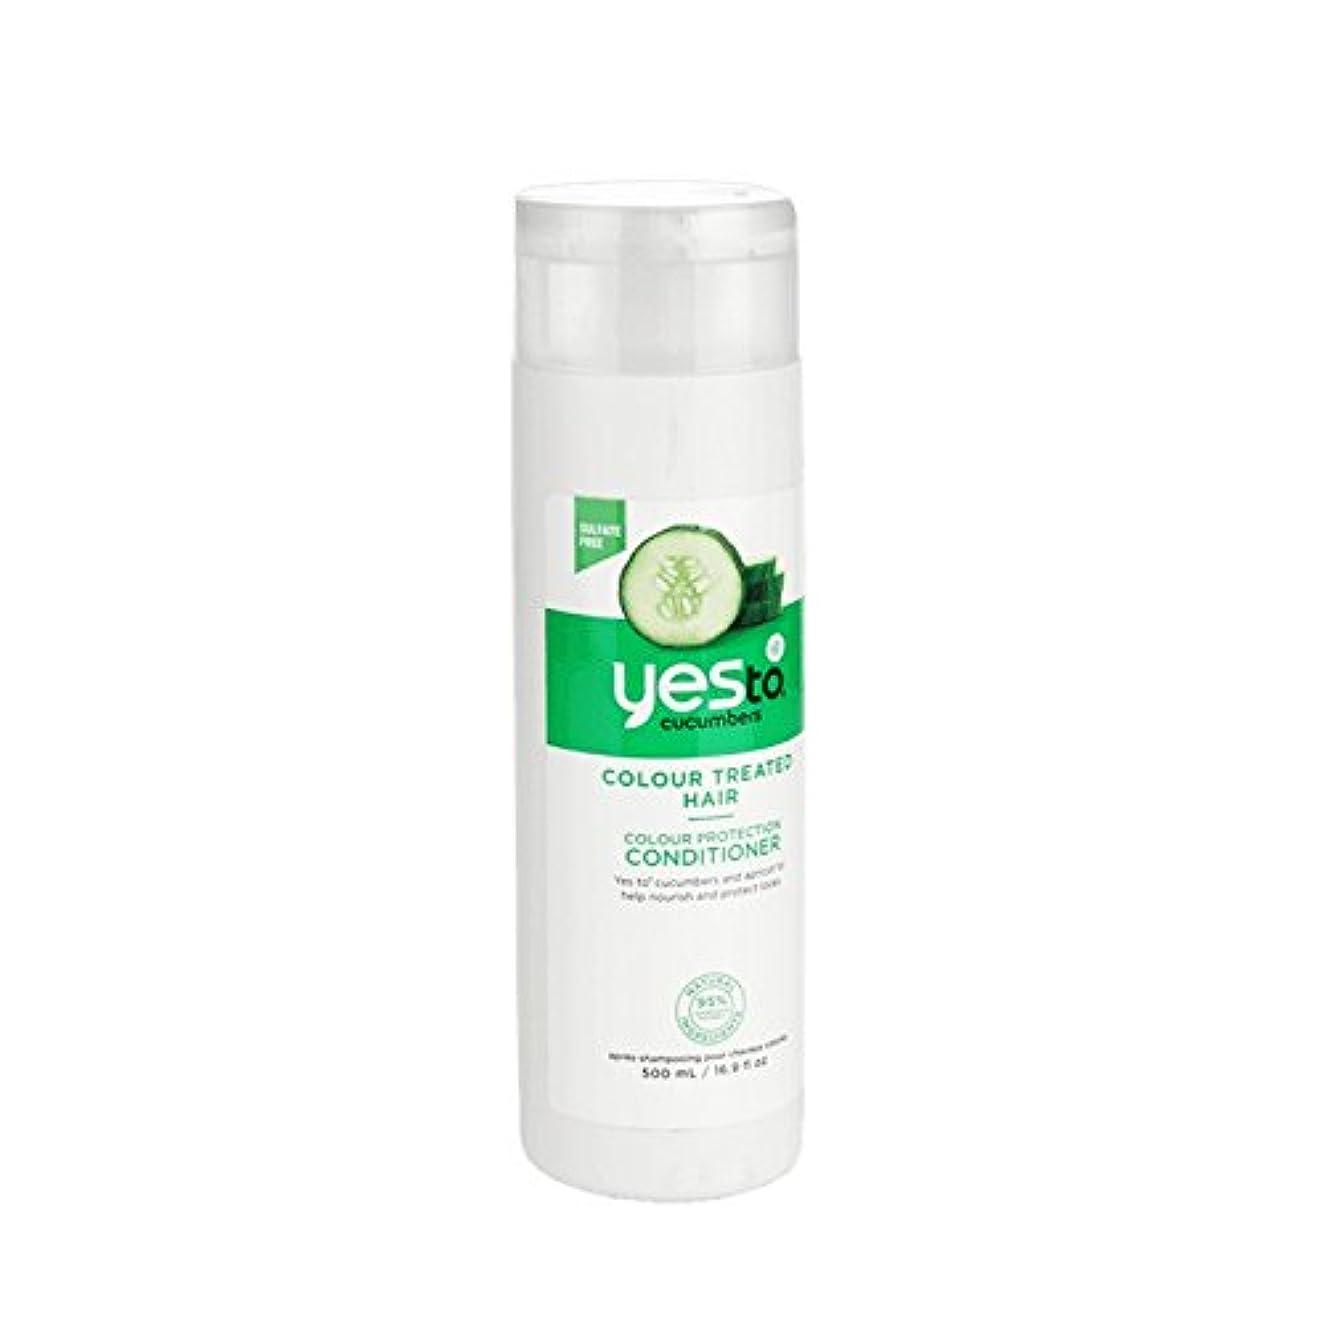 冷蔵するバウンド殺しますはいキュウリの色の保護コンディショナー500ミリリットルへ - Yes To Cucumbers Colour Protection Conditioner 500ml (Yes To) [並行輸入品]